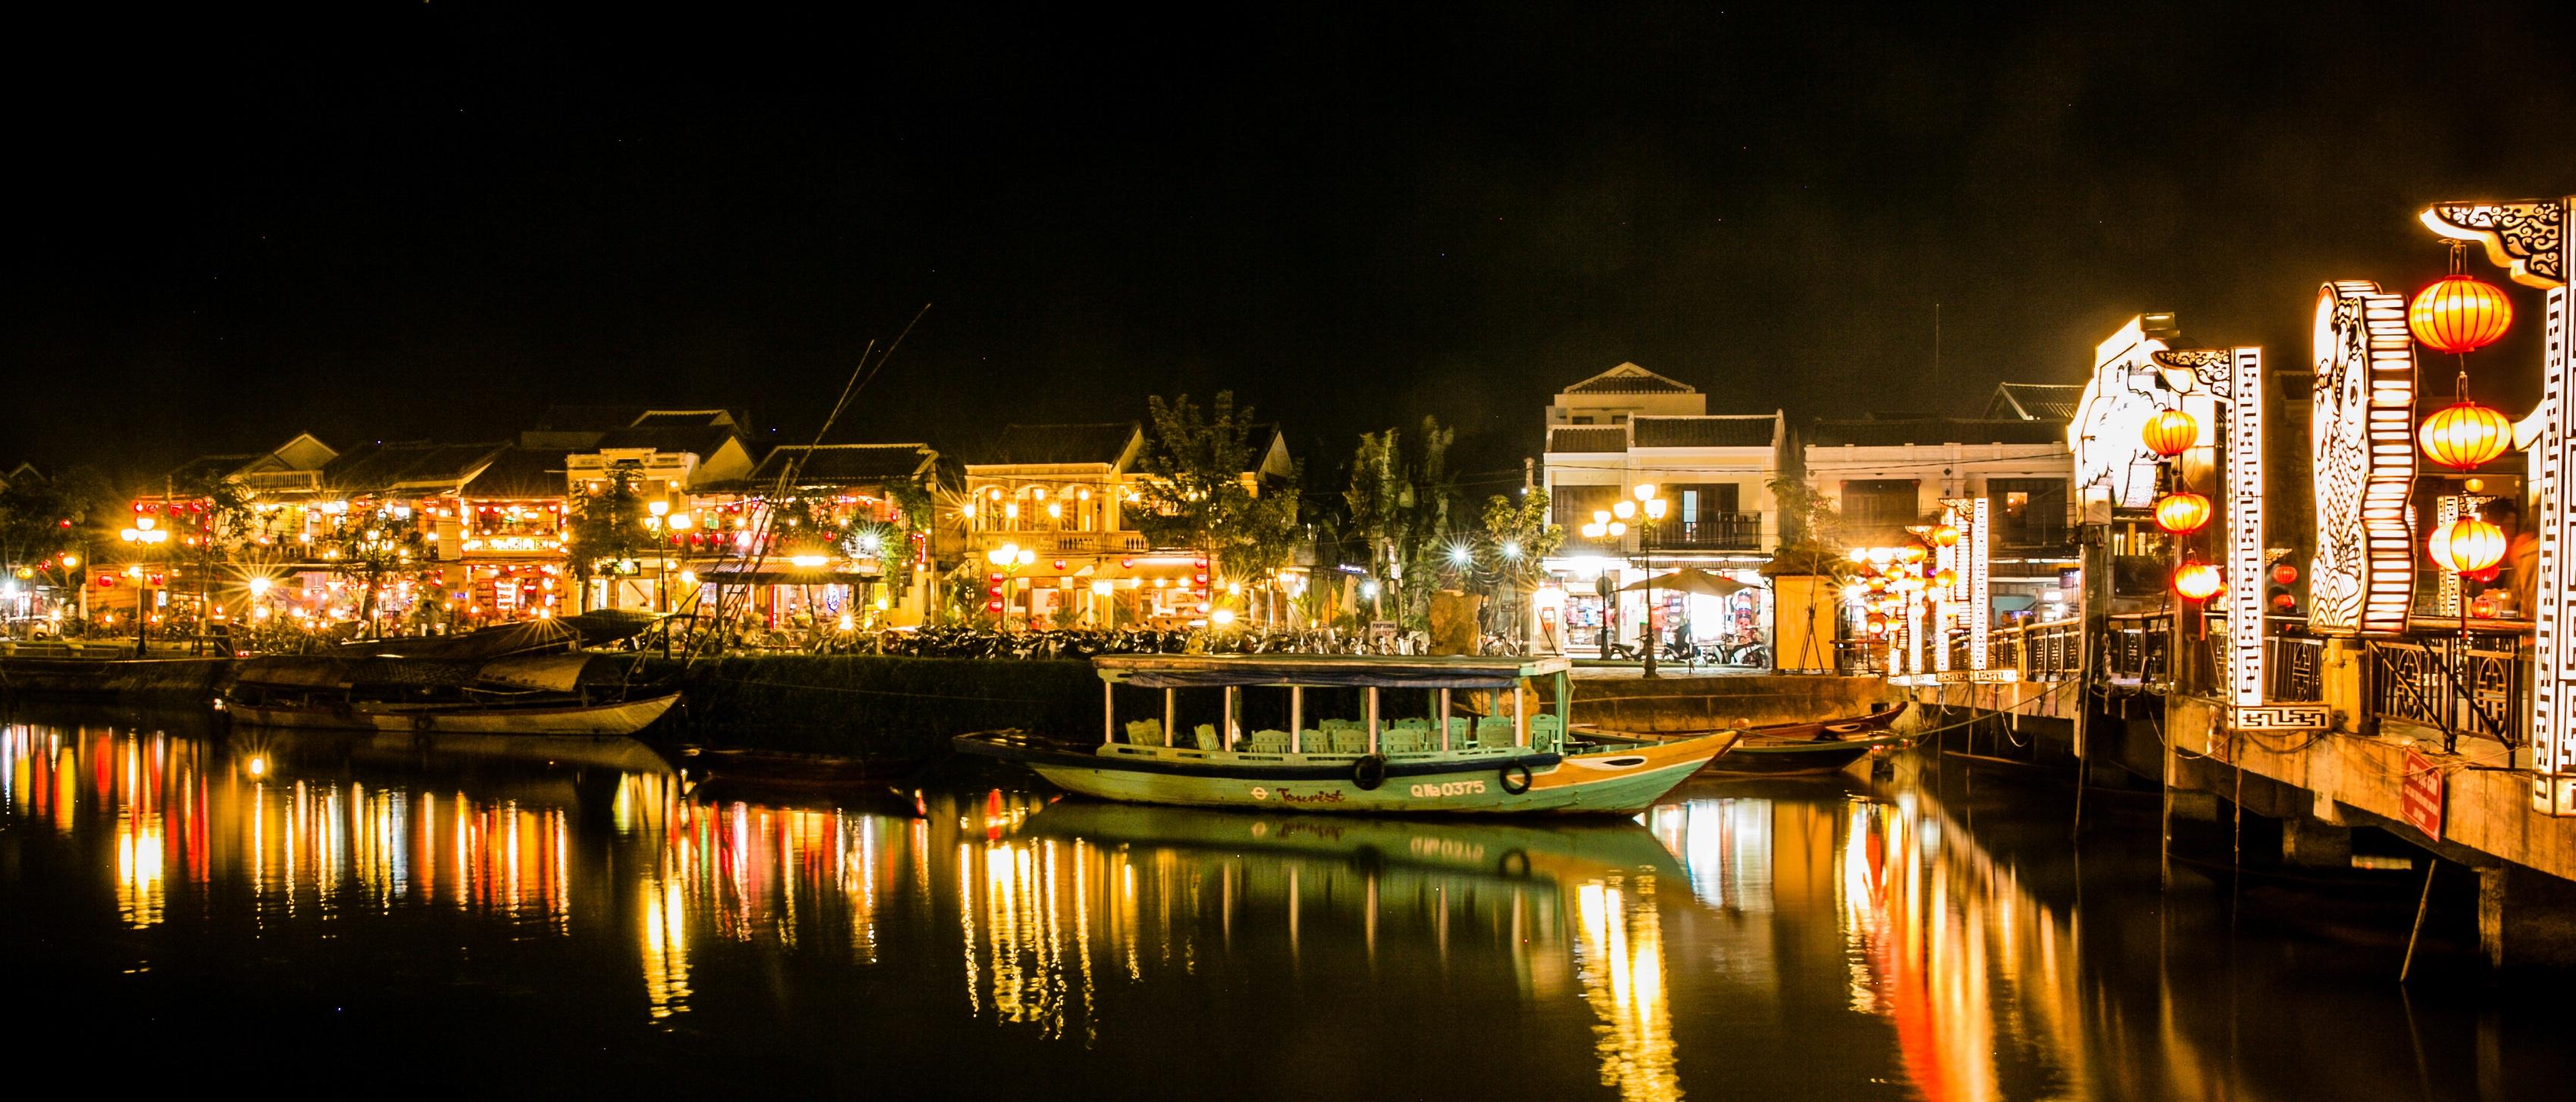 hoi an, romantic, beautiful, vietnam